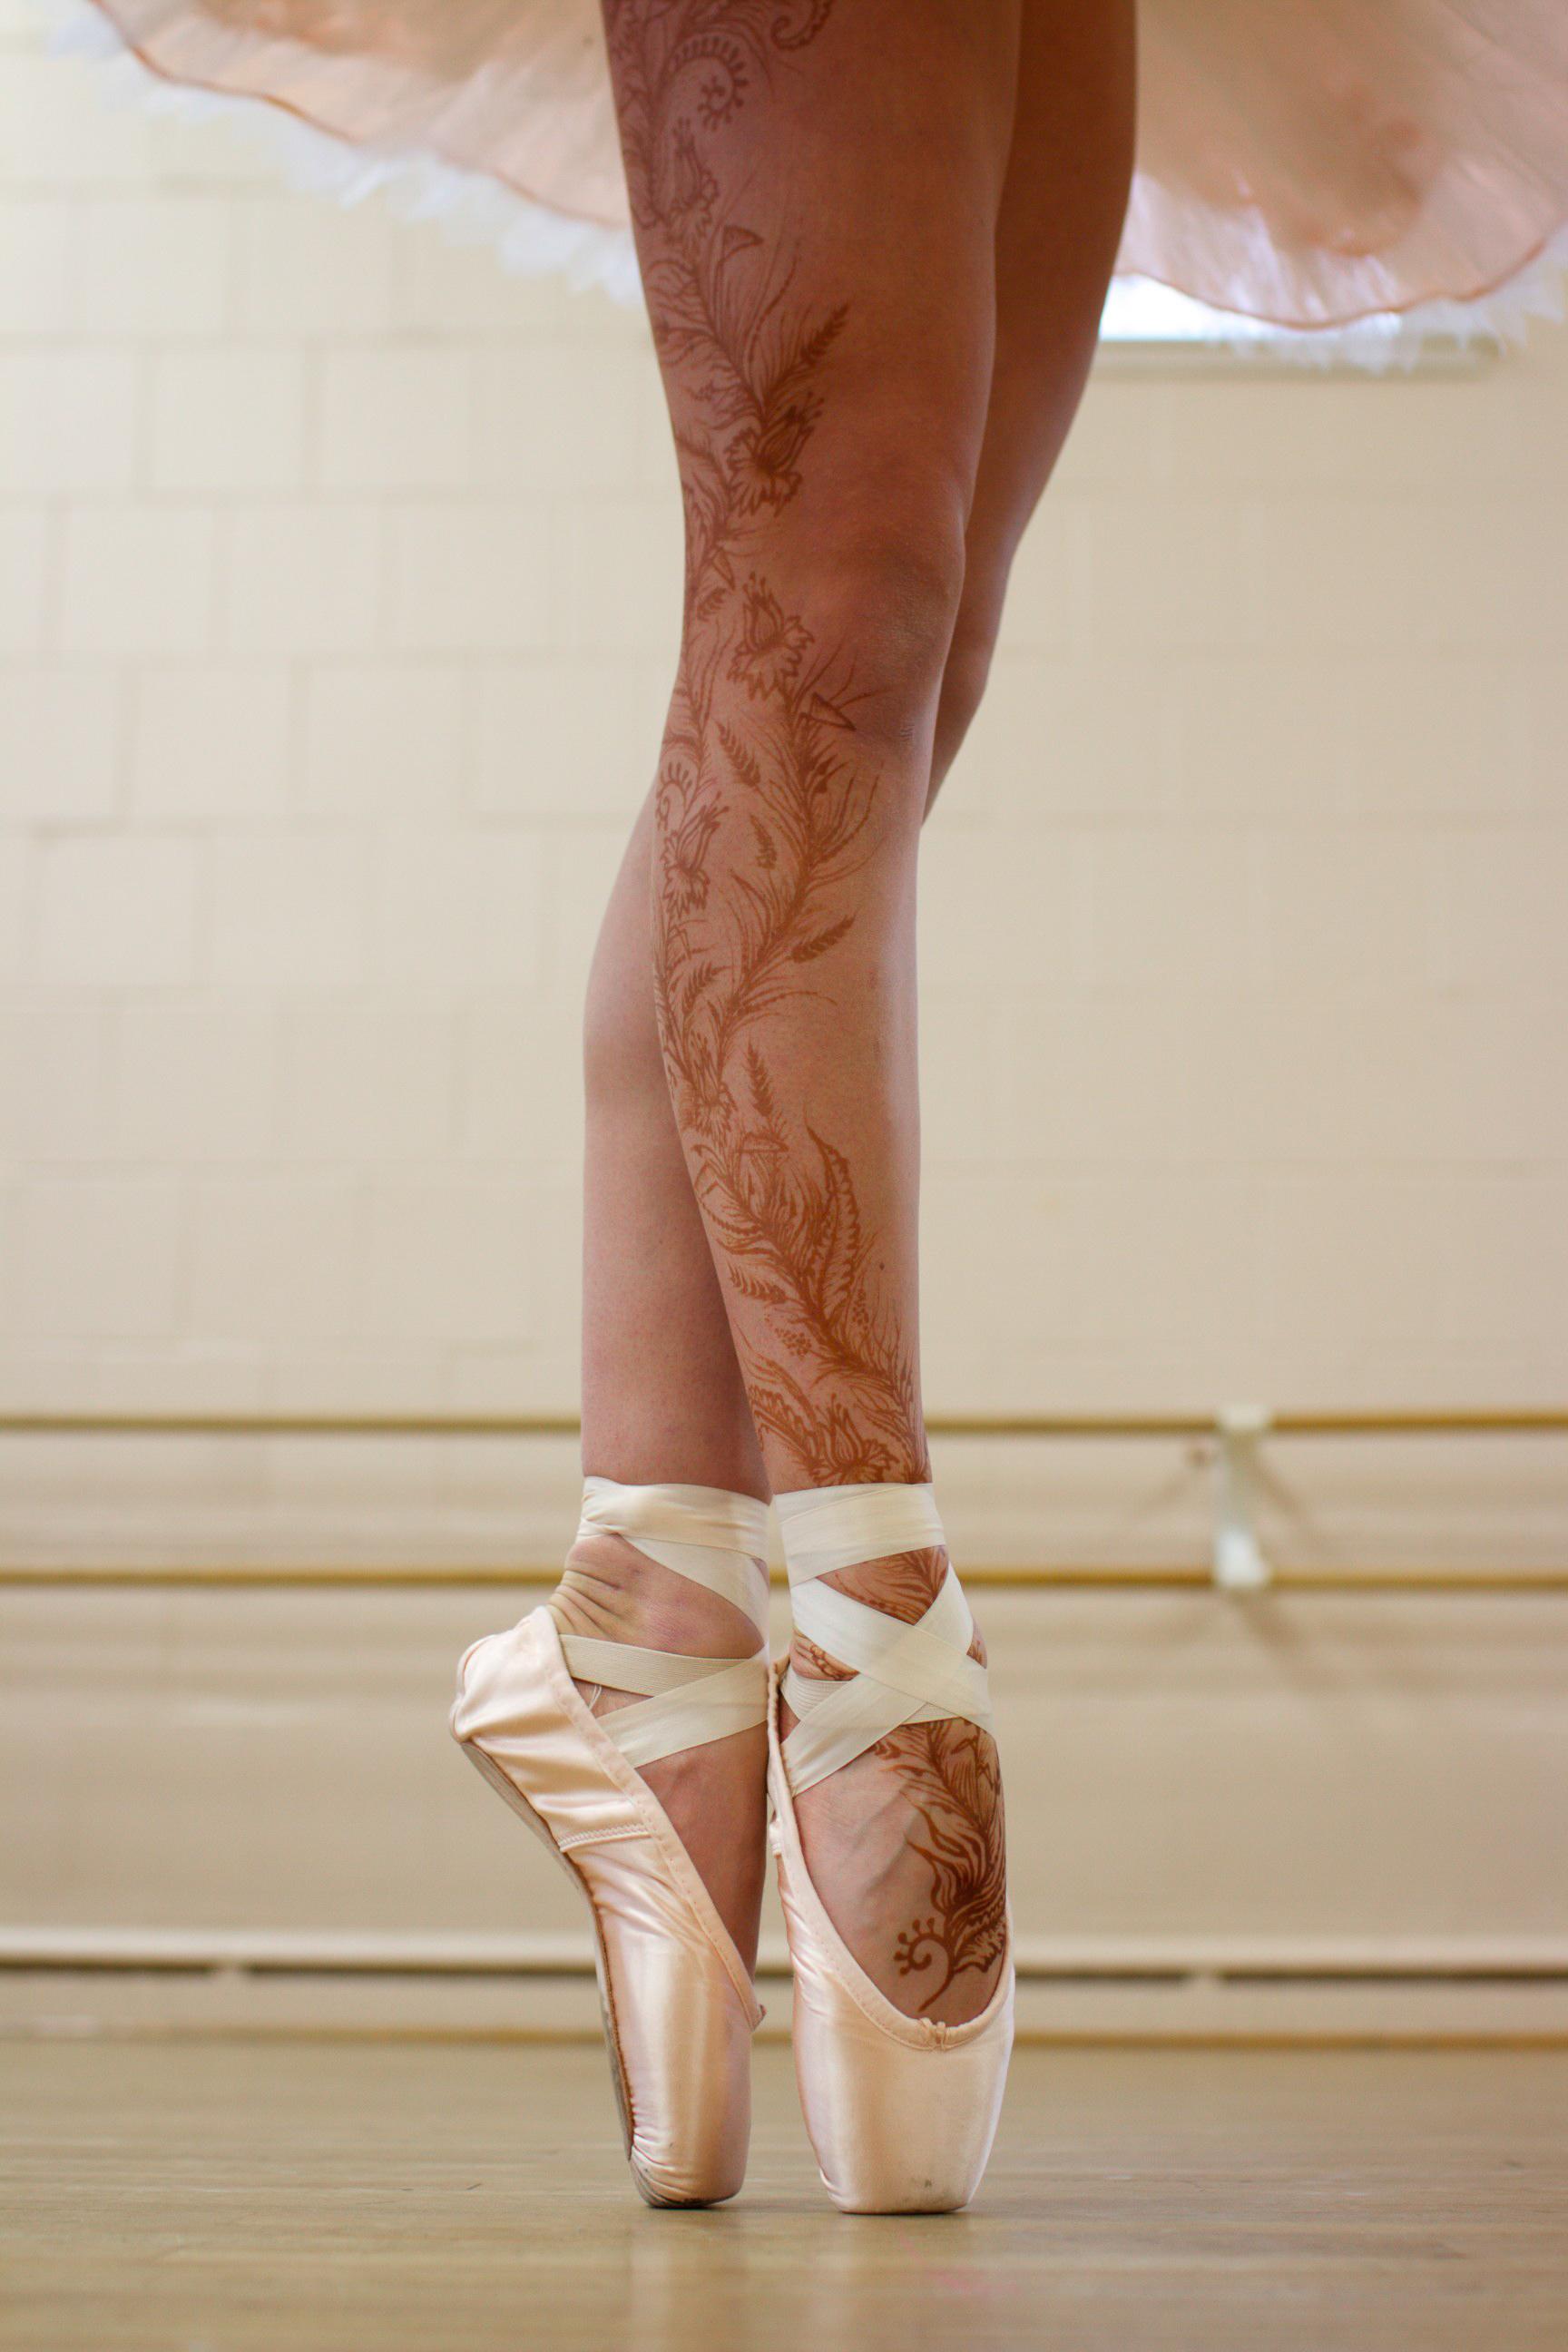 Henna on a ballerina's legs.